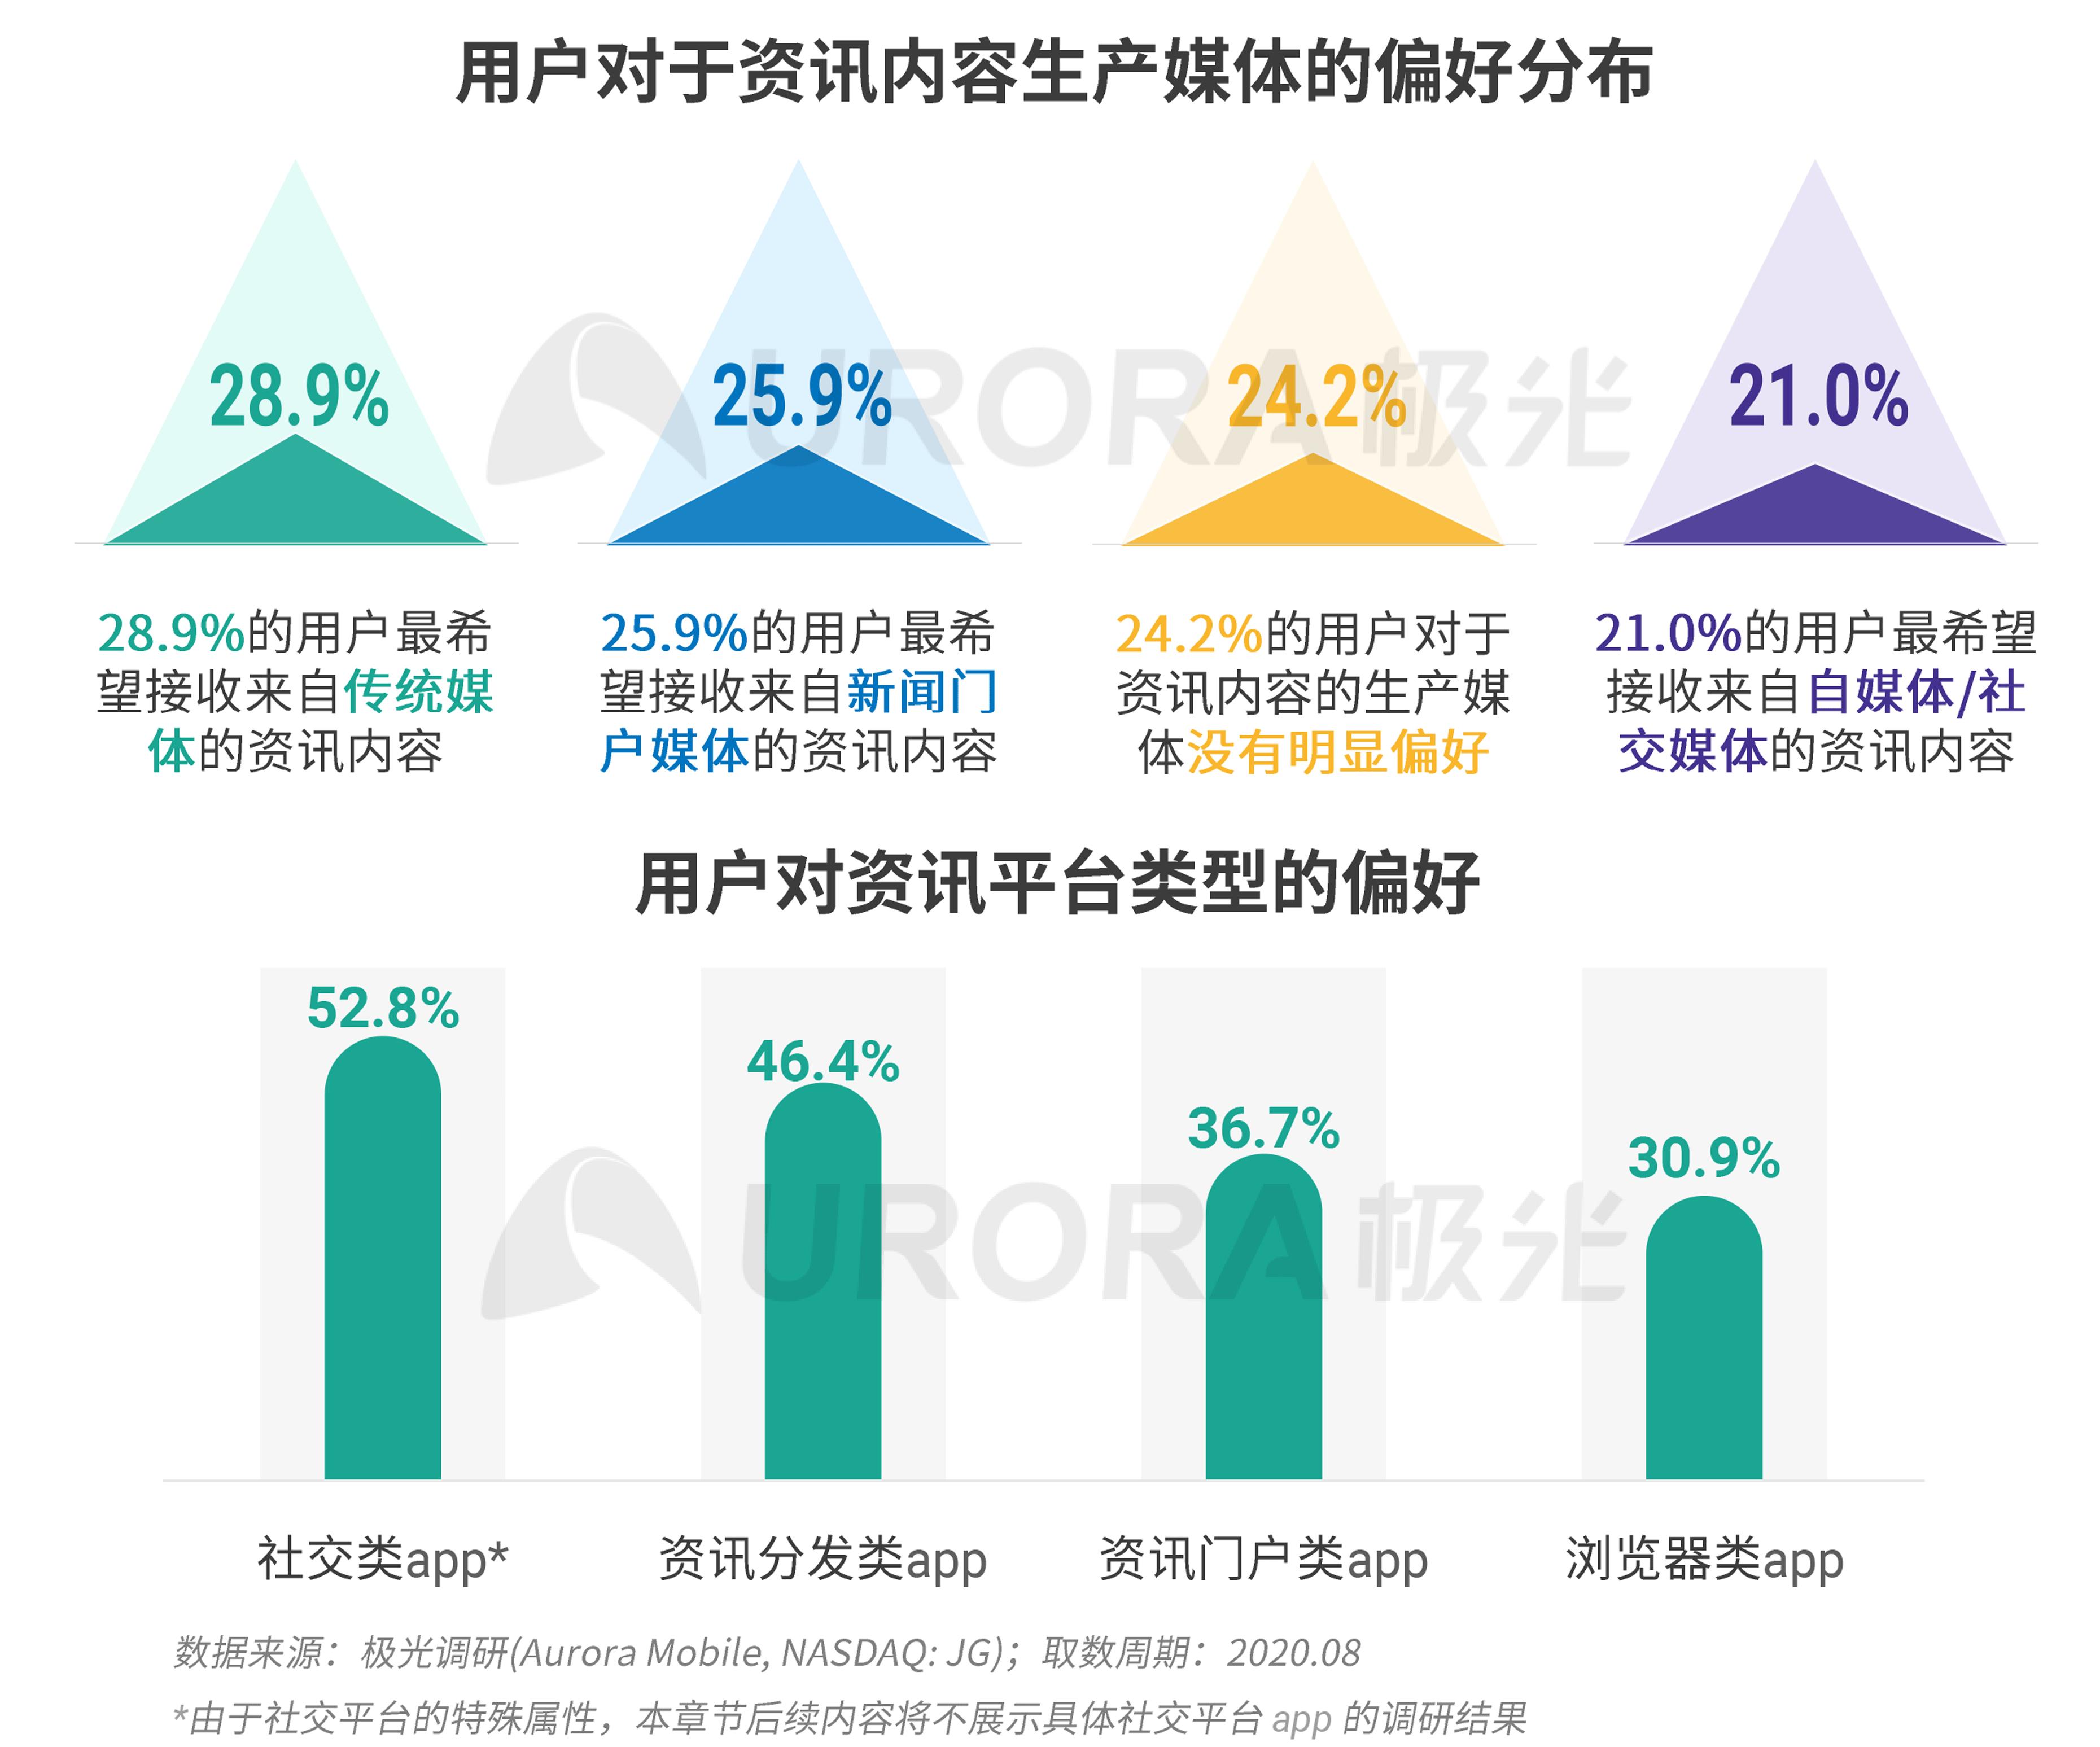 极光:新资讯行业系列报告--内容篇 (22).png